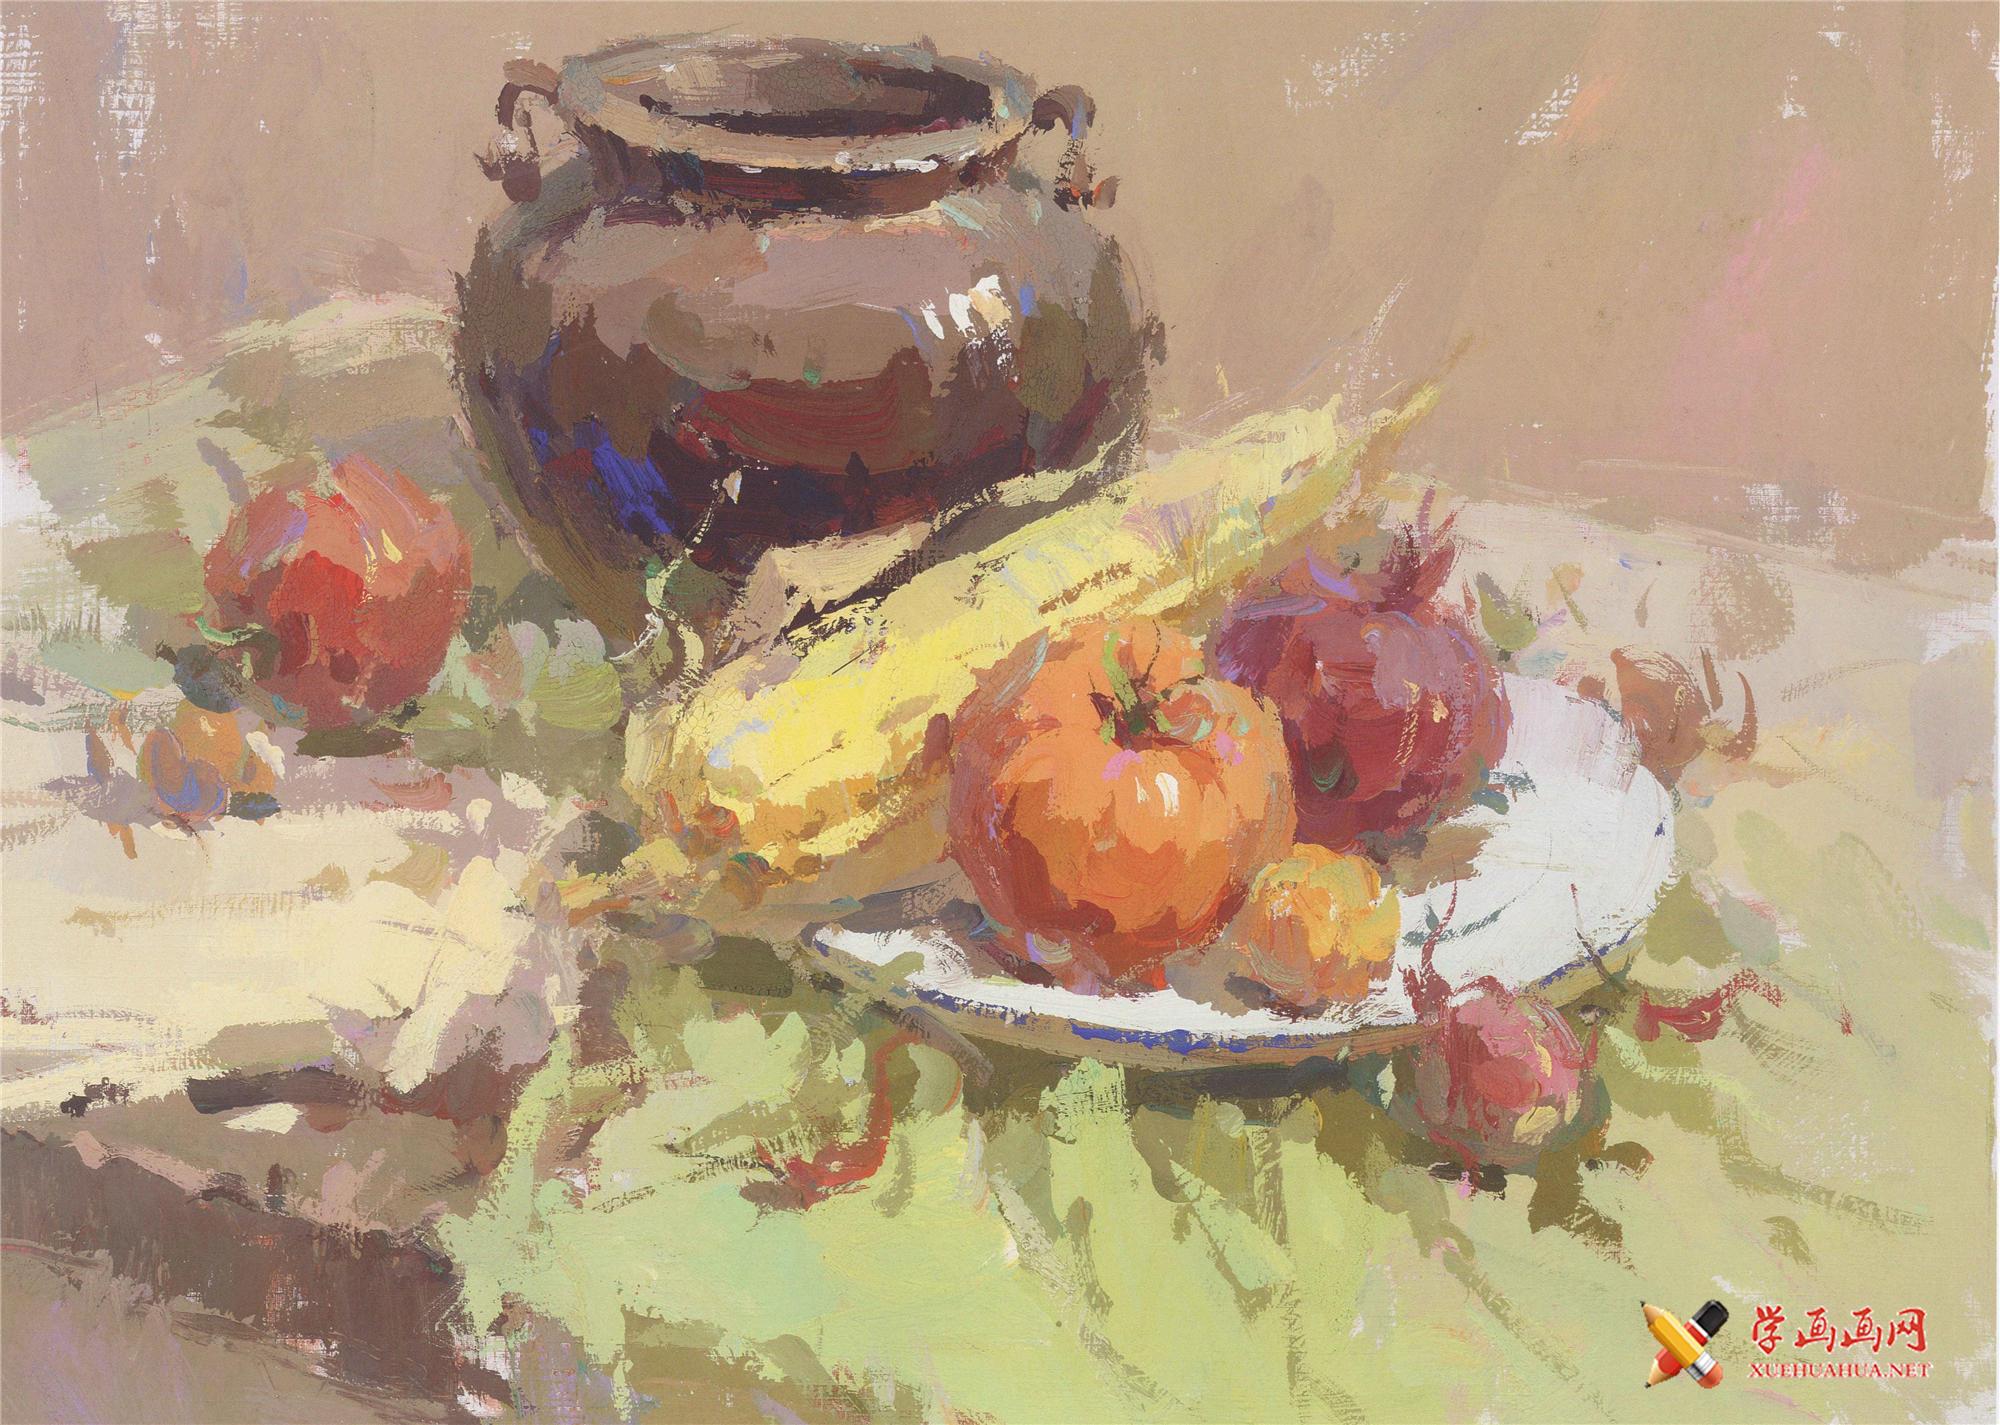 水粉画图片:深色罐子、红萝卜、玉米、西红柿、洋葱组合画法(1)